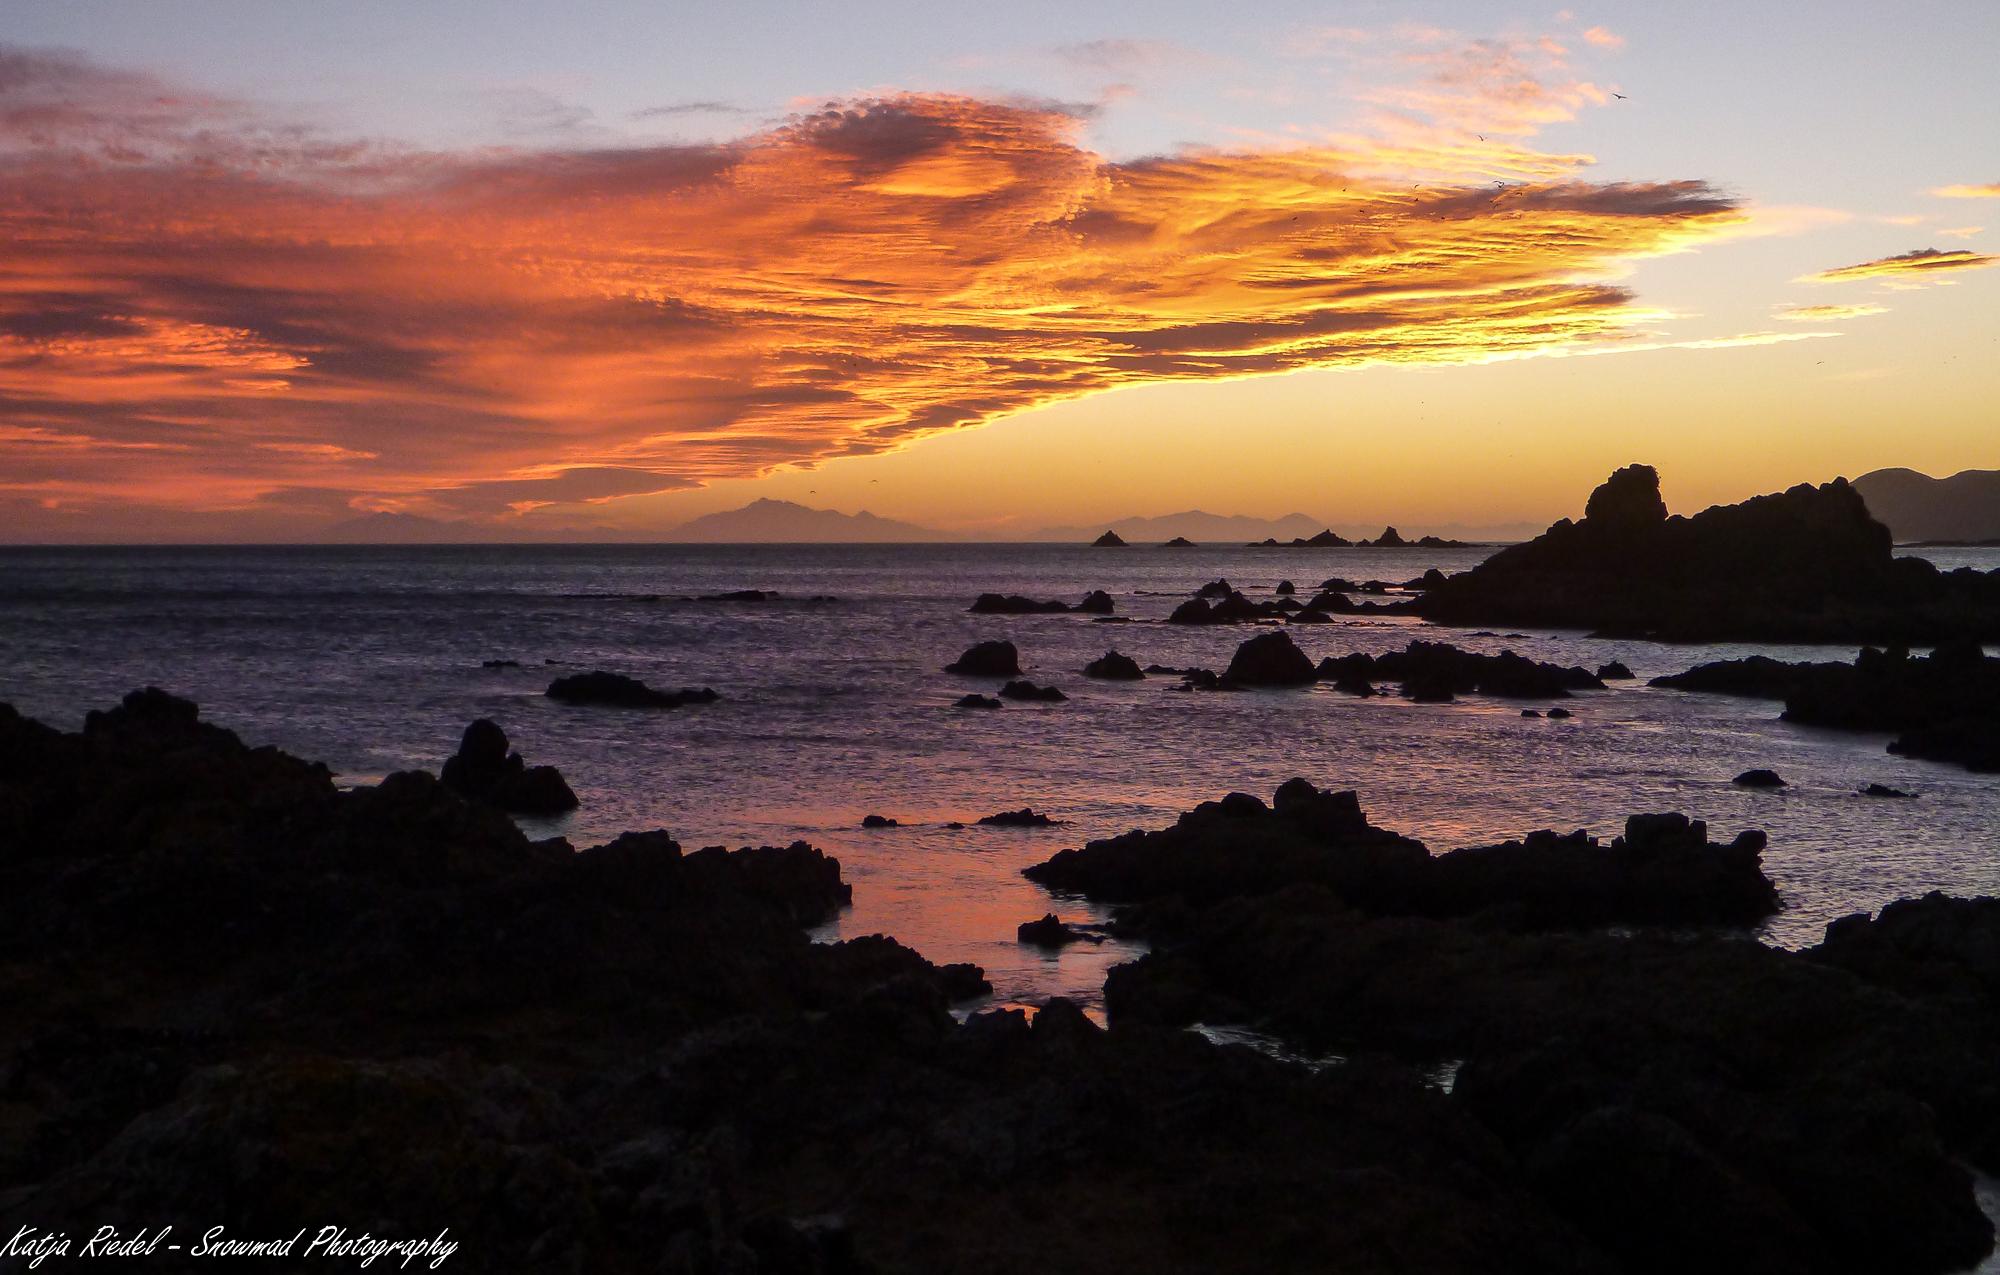 Sunset at Princess Bay, Wellington, New Zealand